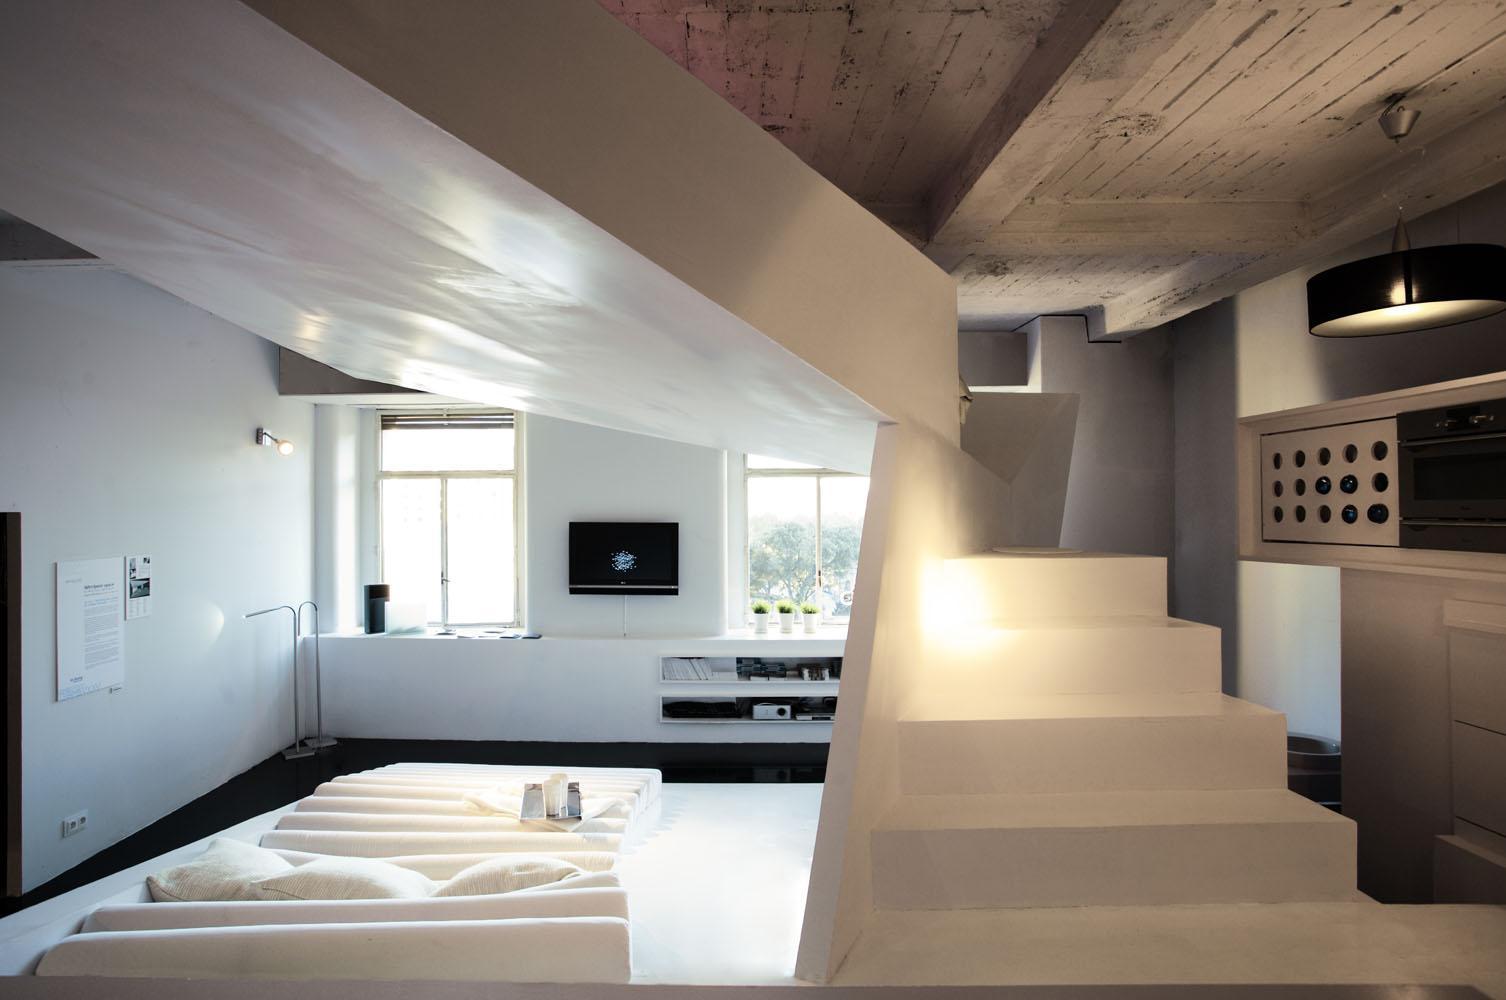 Cuanto cuesta una reforma integral de un piso de 100 for Coste reforma integral piso 90 metros